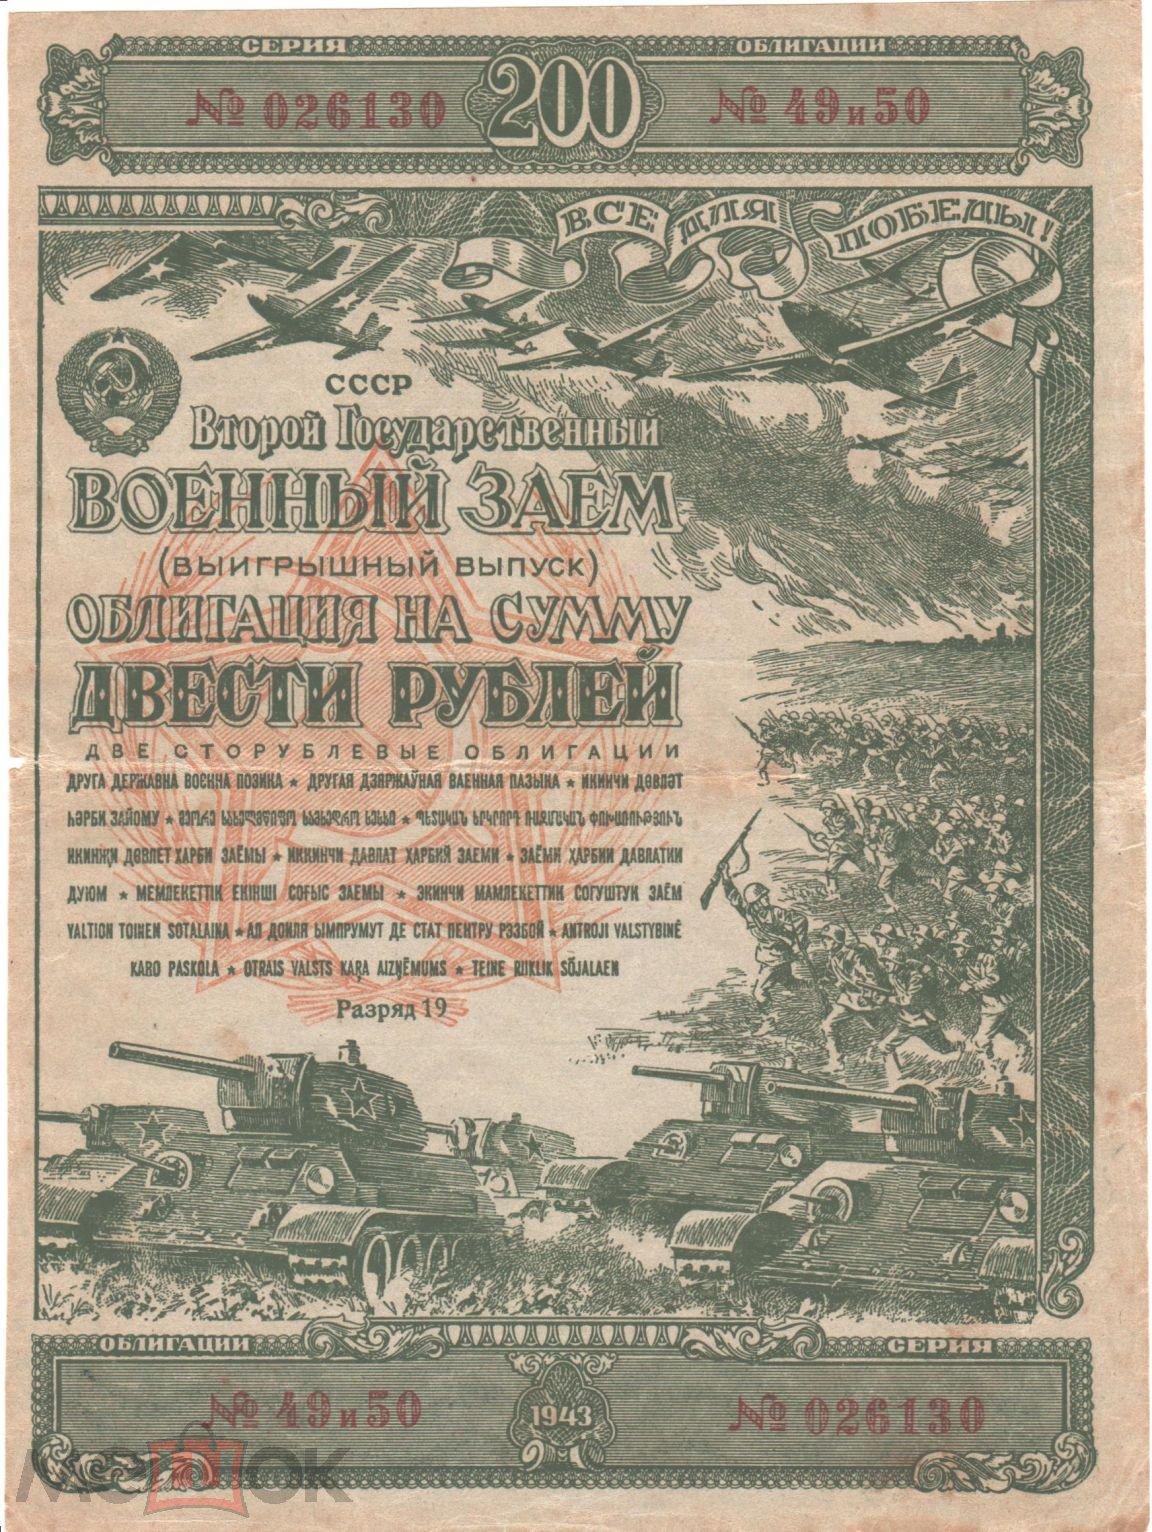 Второй Государственный военный заем (выигрышный выпуск), 1943 г., 200 рублей.